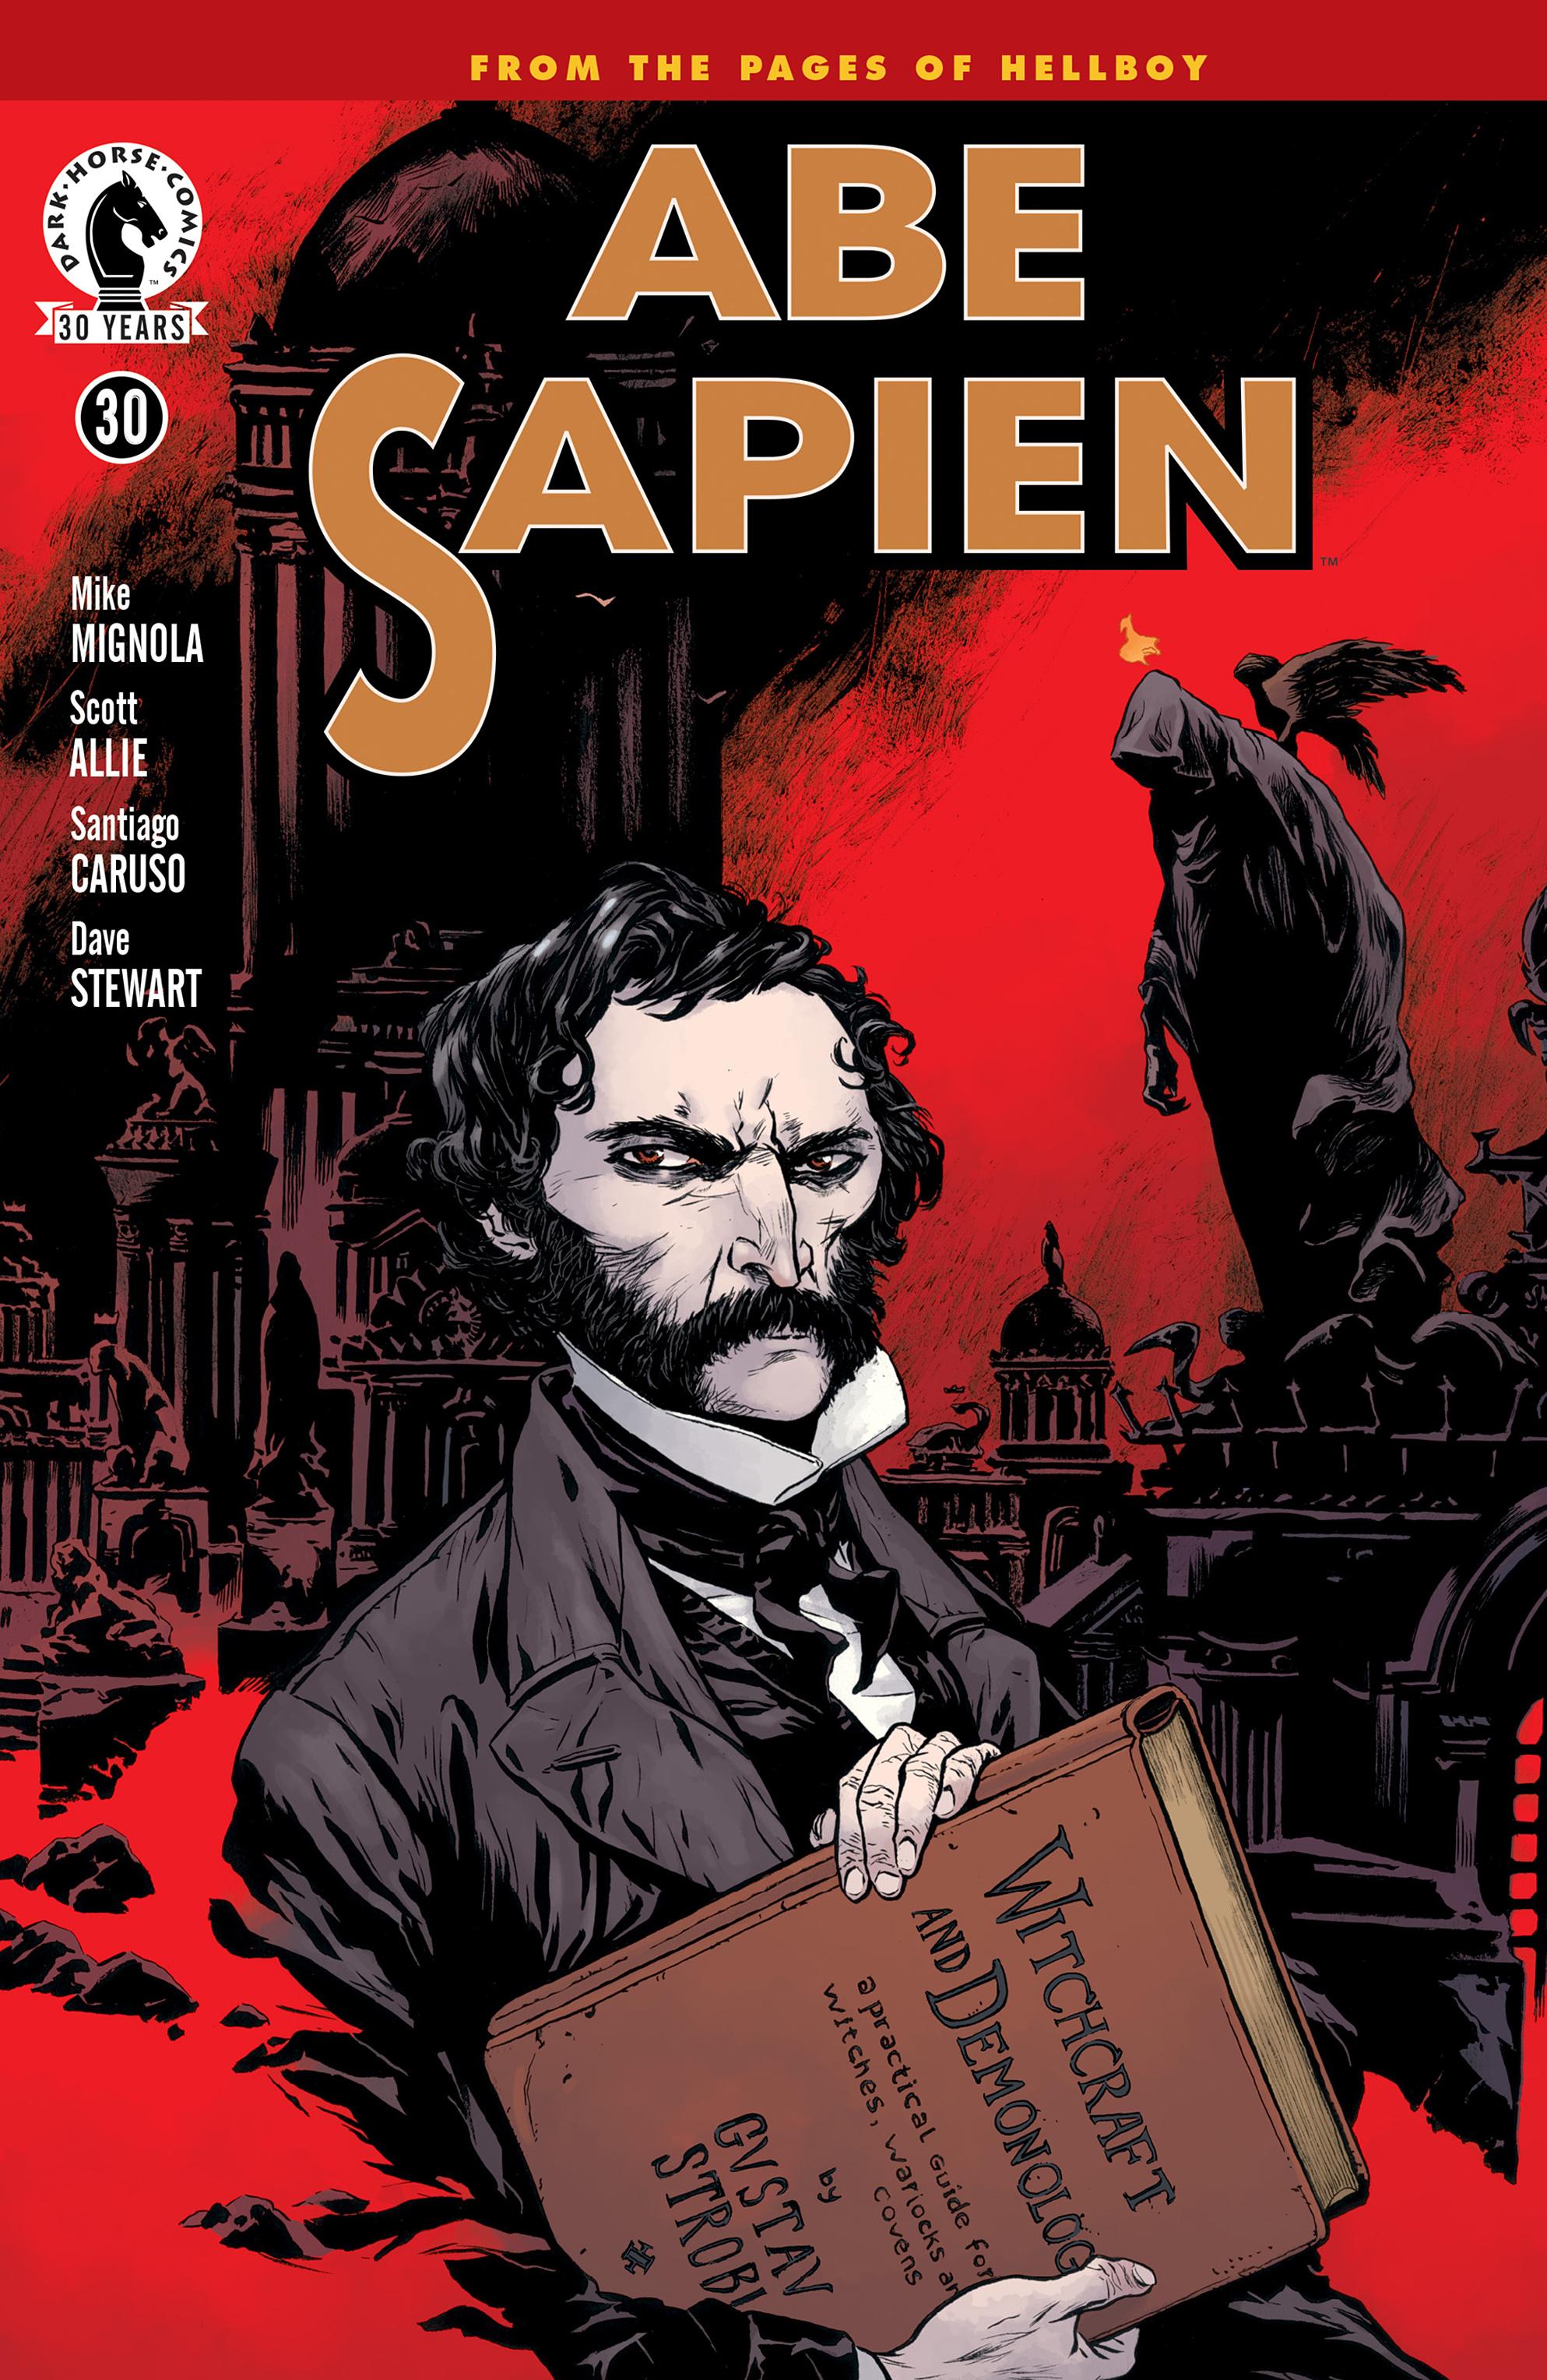 Read online Abe Sapien comic -  Issue #30 - 1